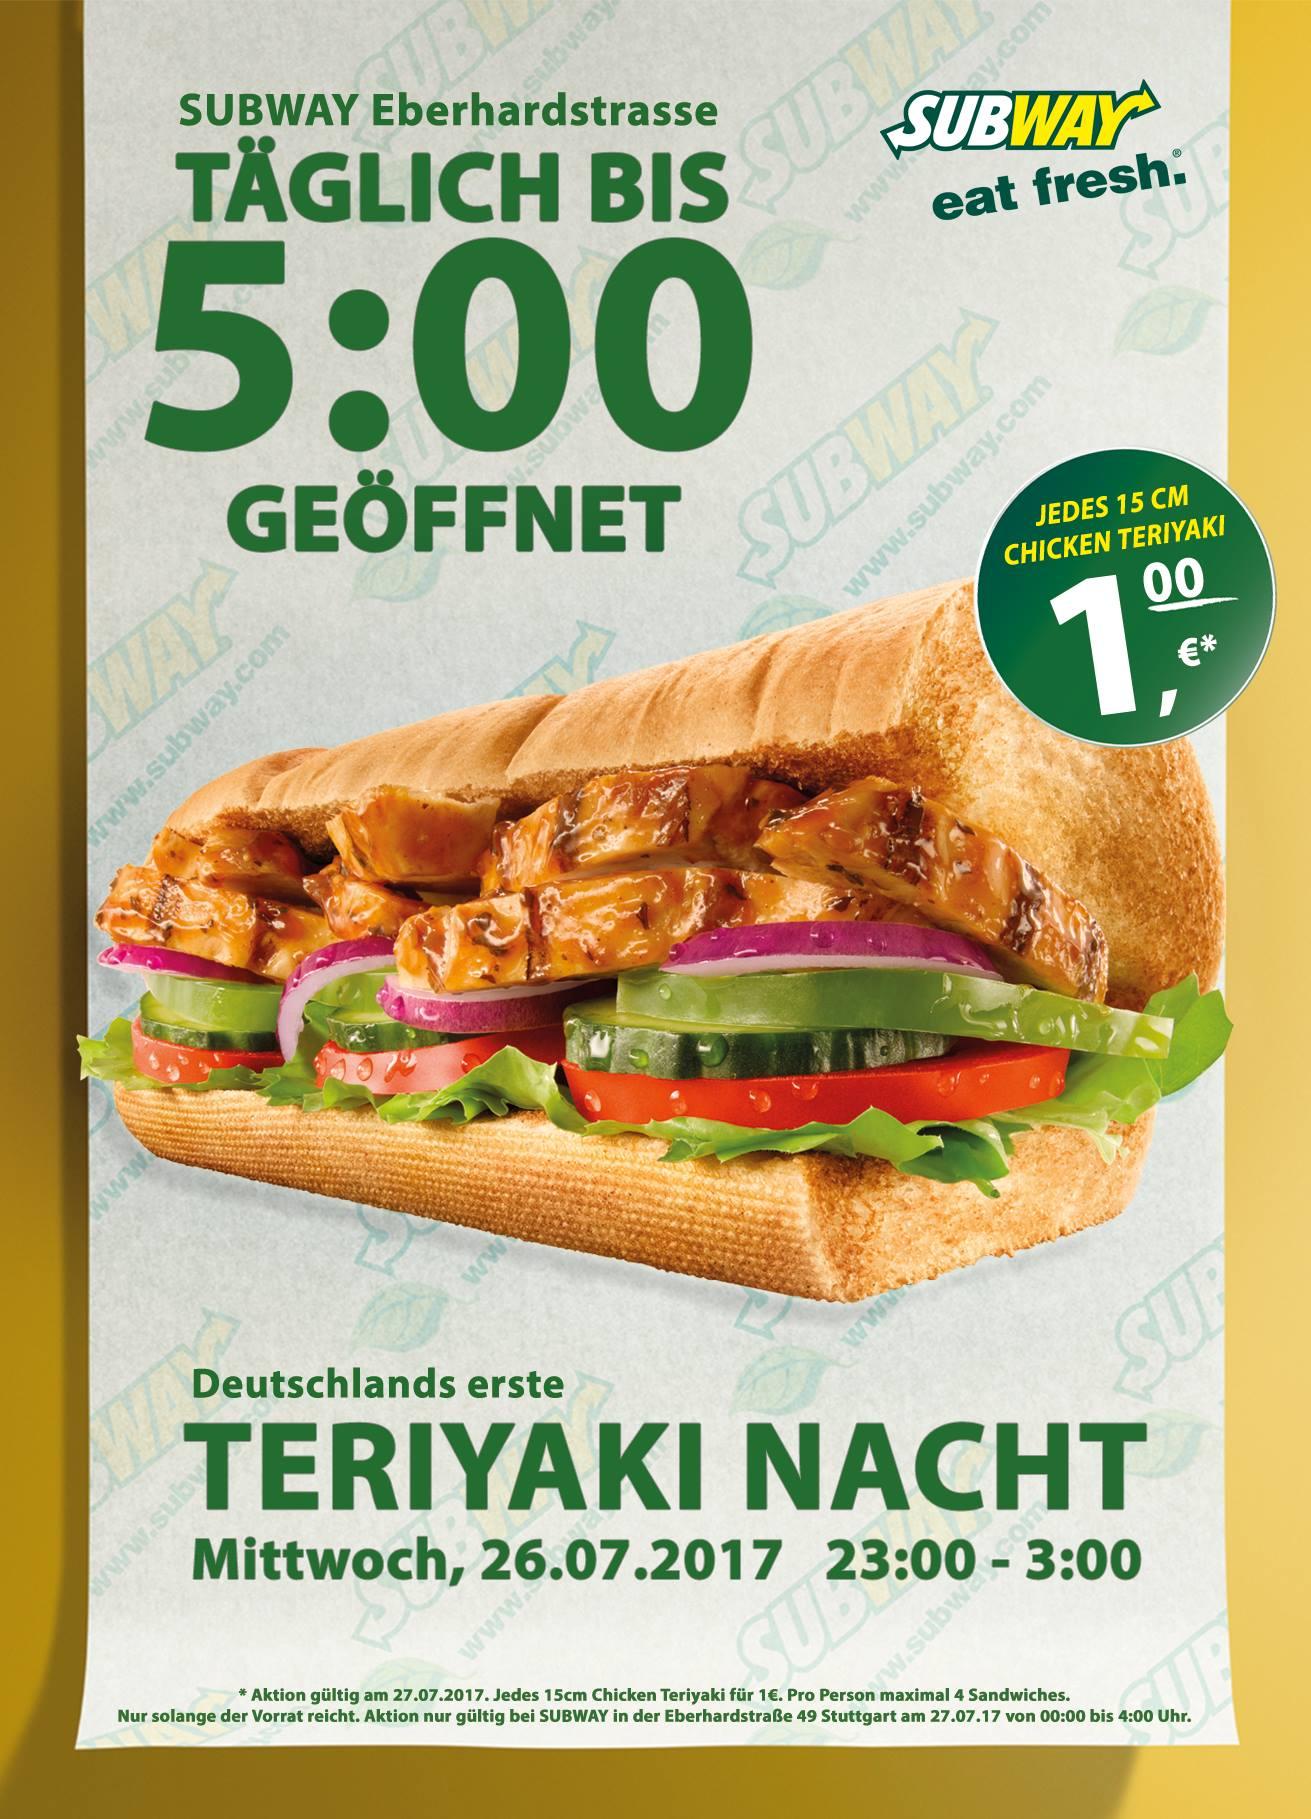 [Lokal] Chicken Teriyaki Nacht 15cm Stuttgart 26.07.2017 23:00 - 3:00